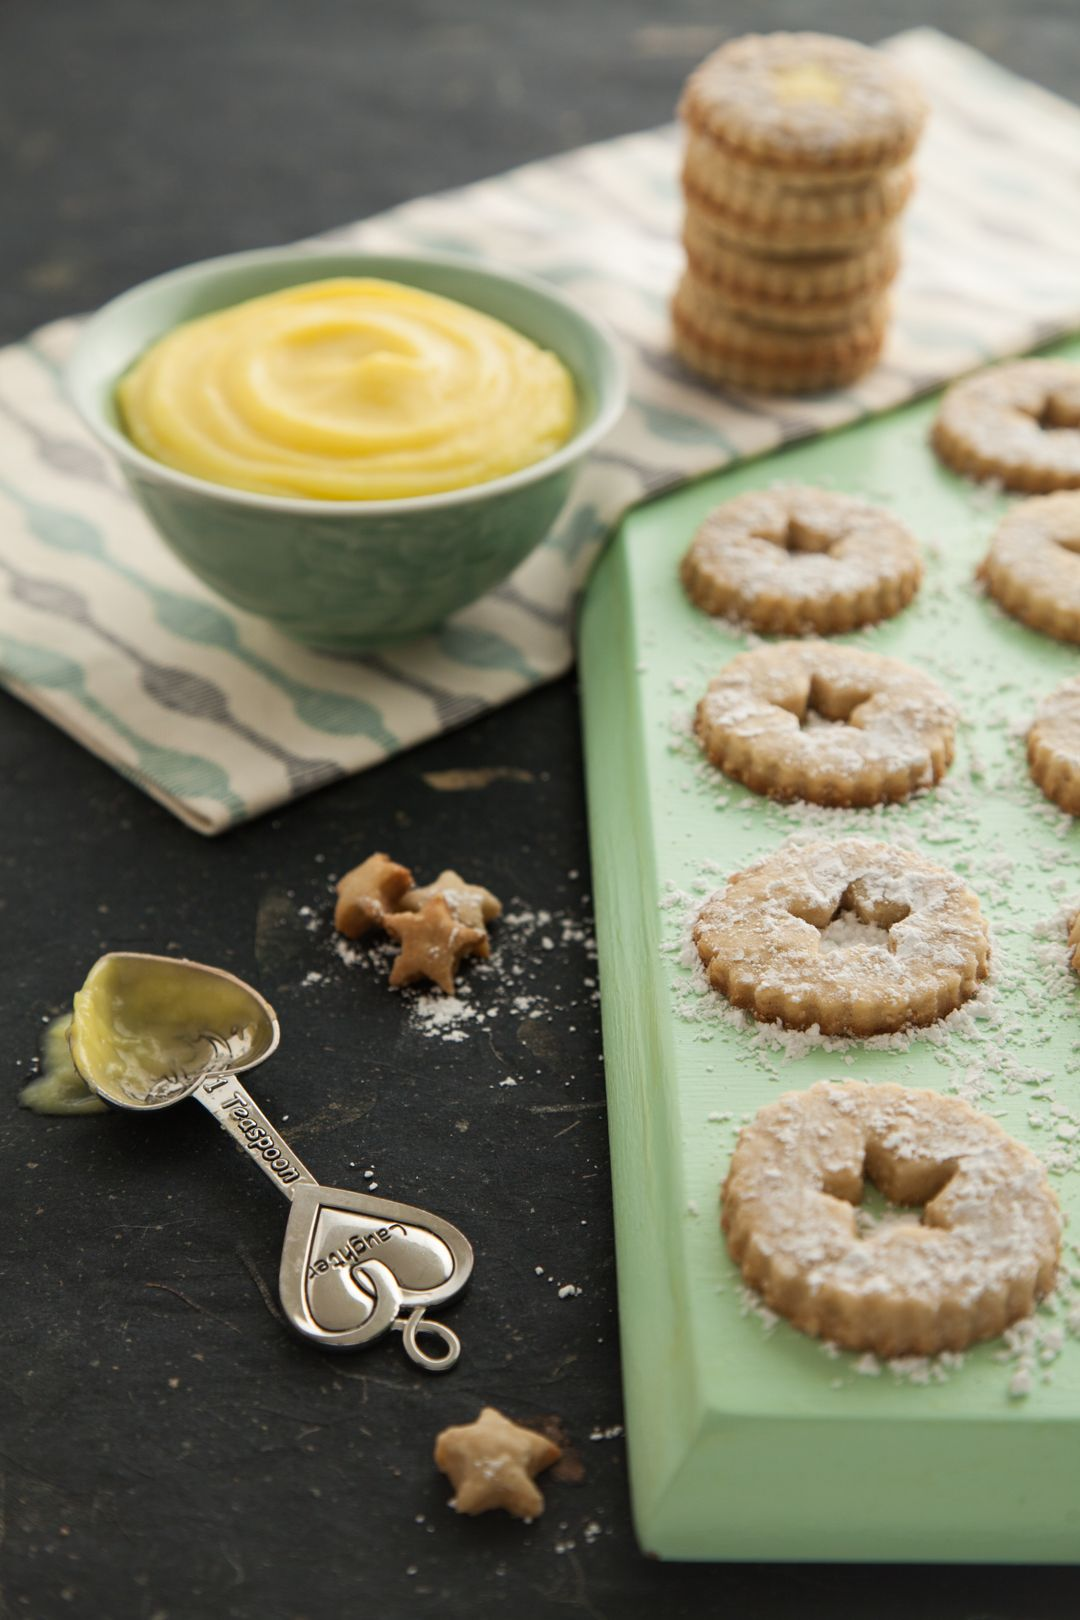 Lemon Meringue Almond Cookie Sandwich. http://www.brittanyleighmoser.com/blog